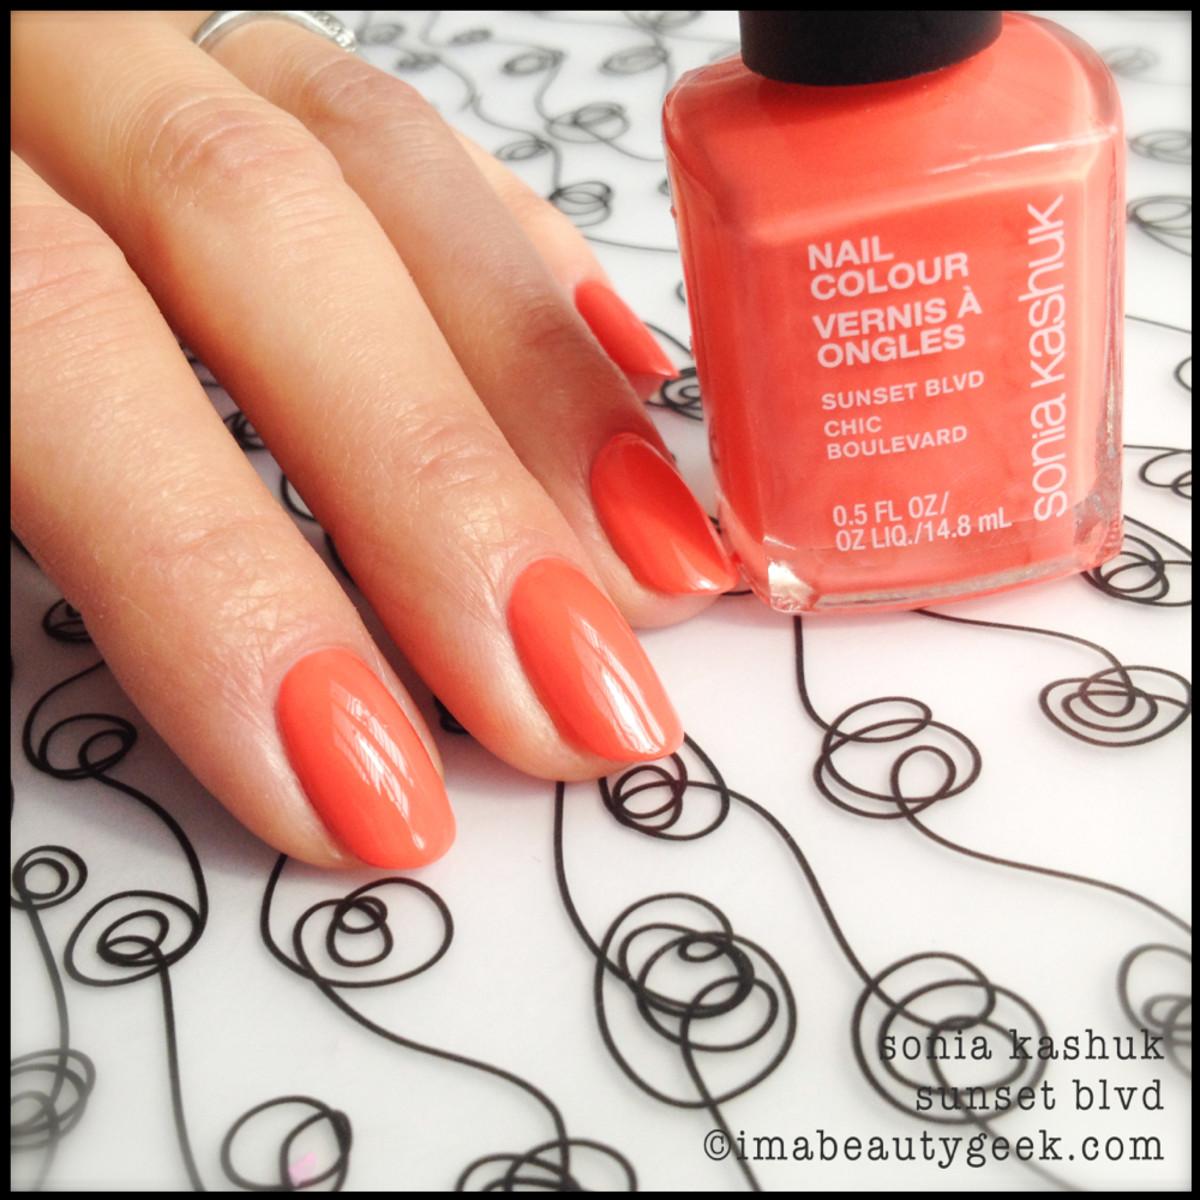 Sonia Kashuk Sunset Blvd_Sonia Kashuk nail polish Spring 2014